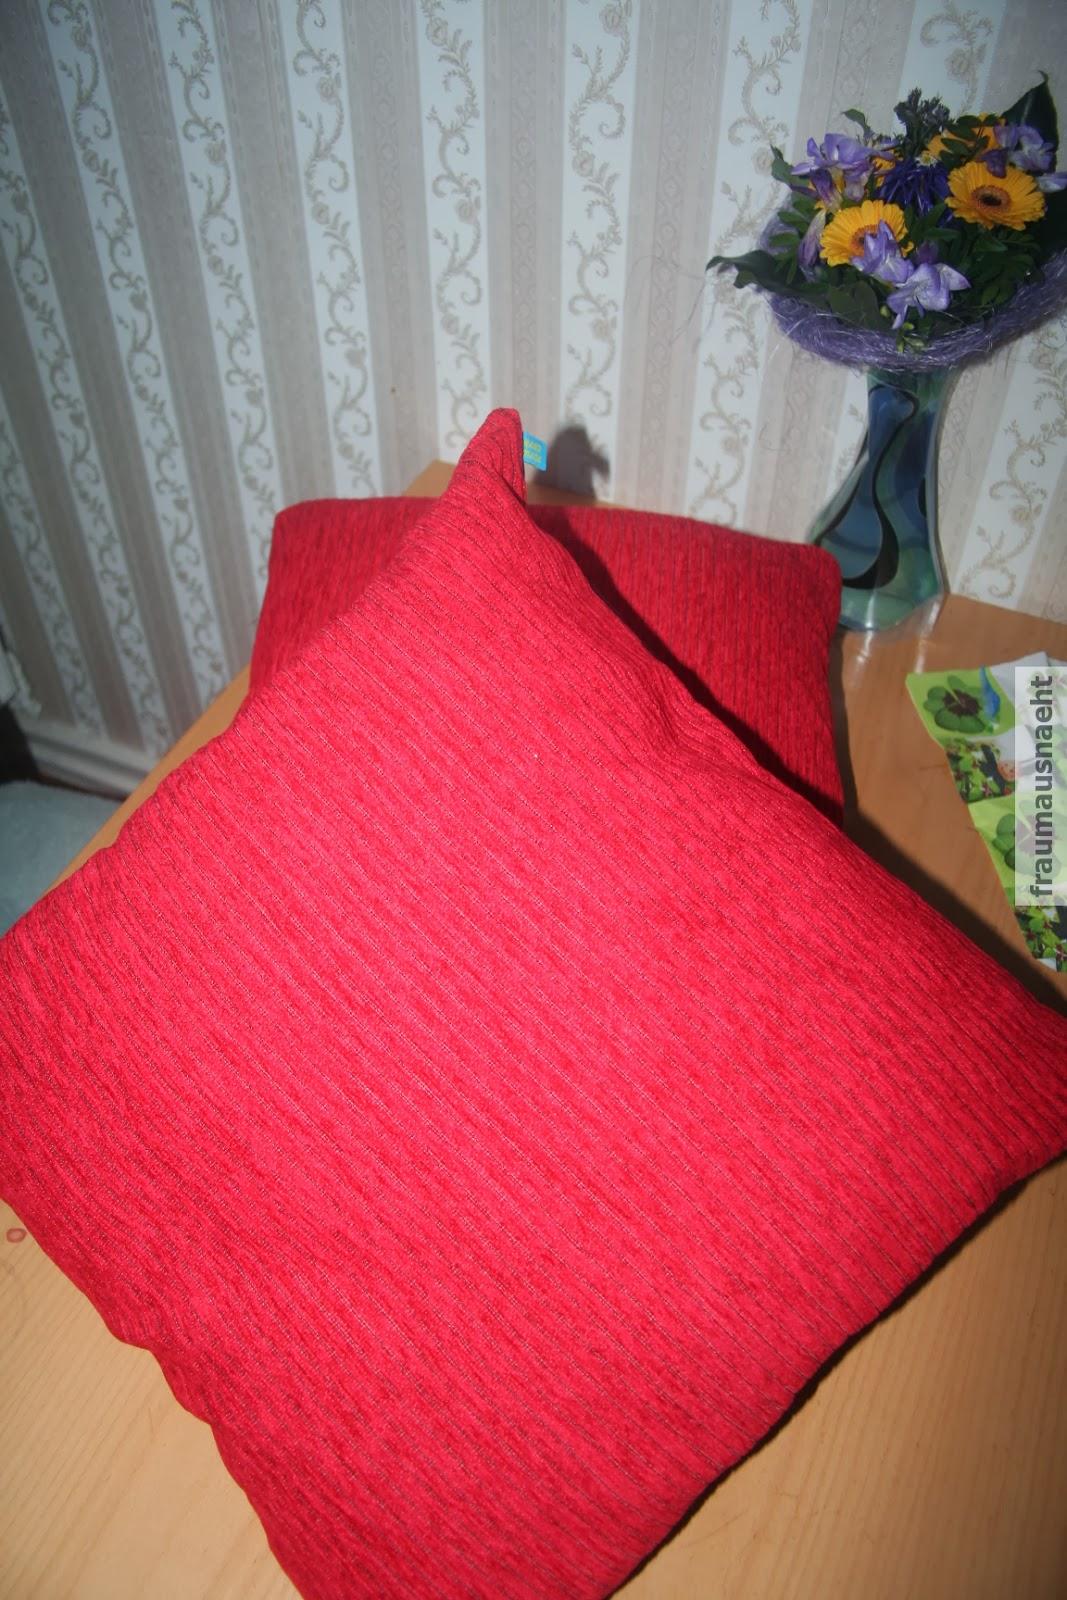 frau maus n ht selbst kissen mit hotelverschluss. Black Bedroom Furniture Sets. Home Design Ideas